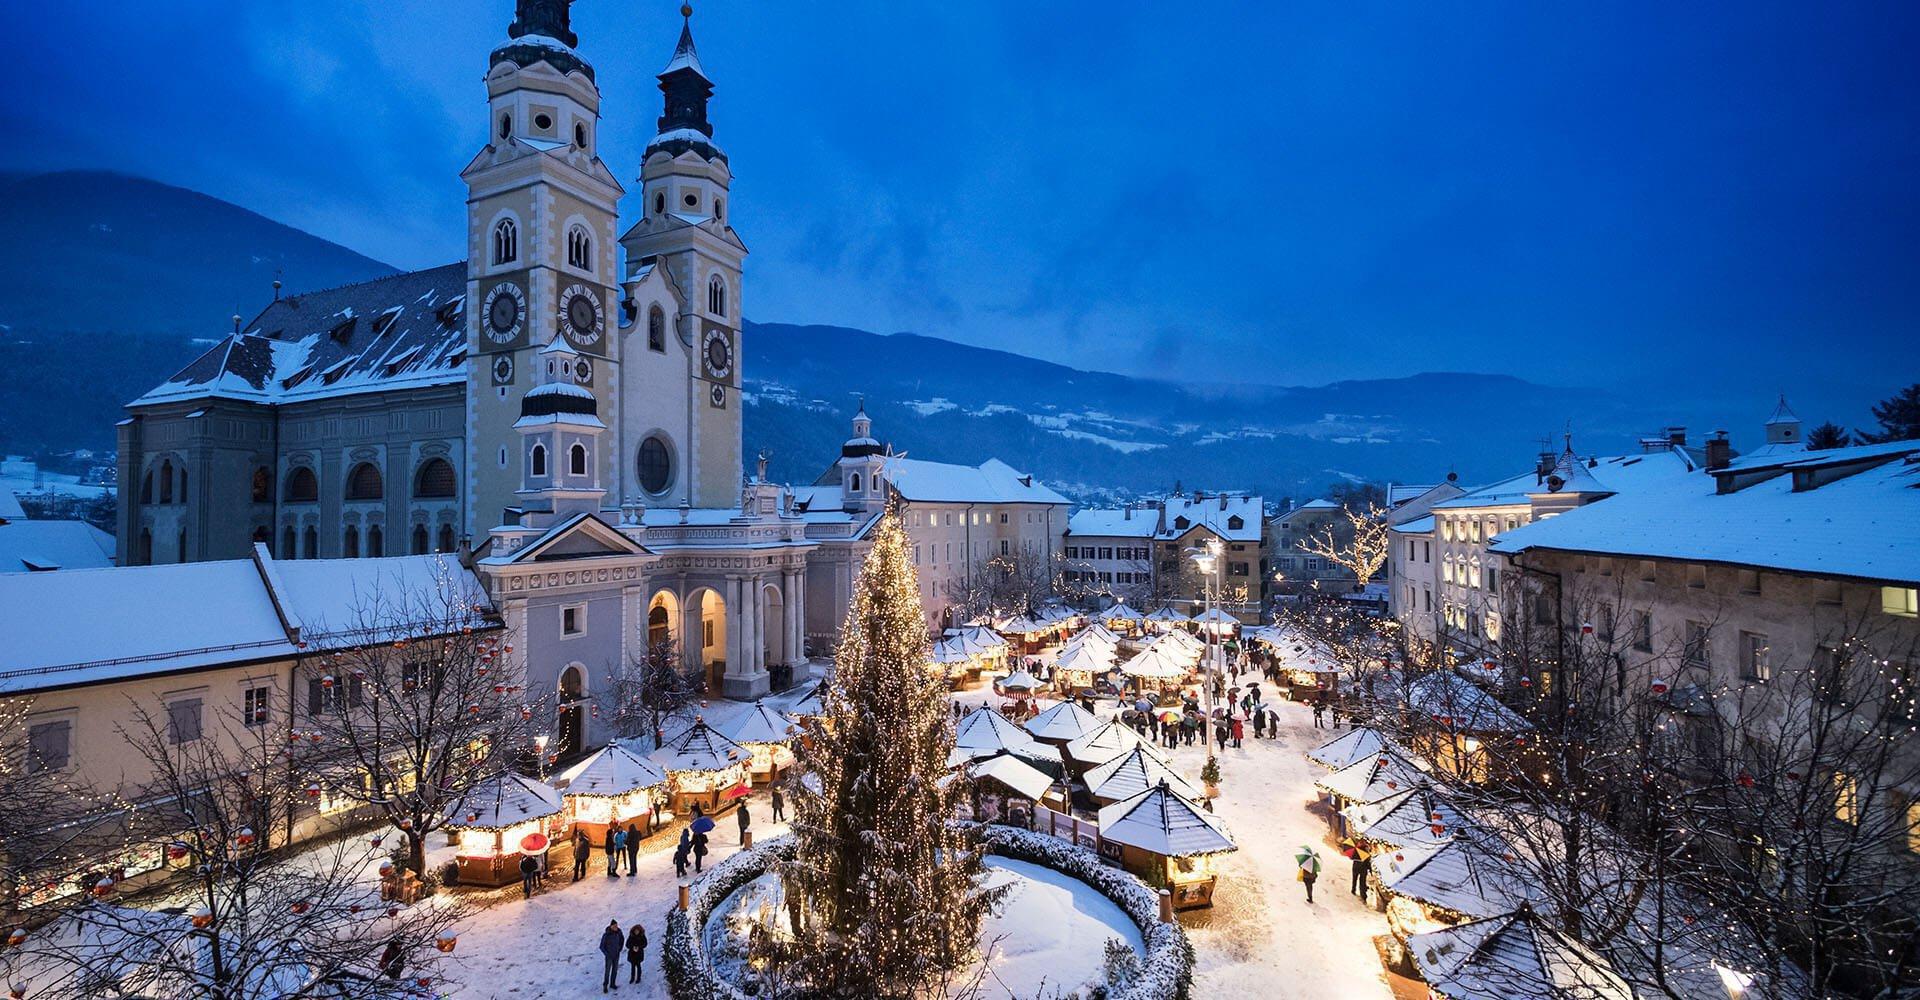 Sieberlechnerhof | Traumhaft schön: Ein Winterurlaub in Lüsen/Brixen-Plose